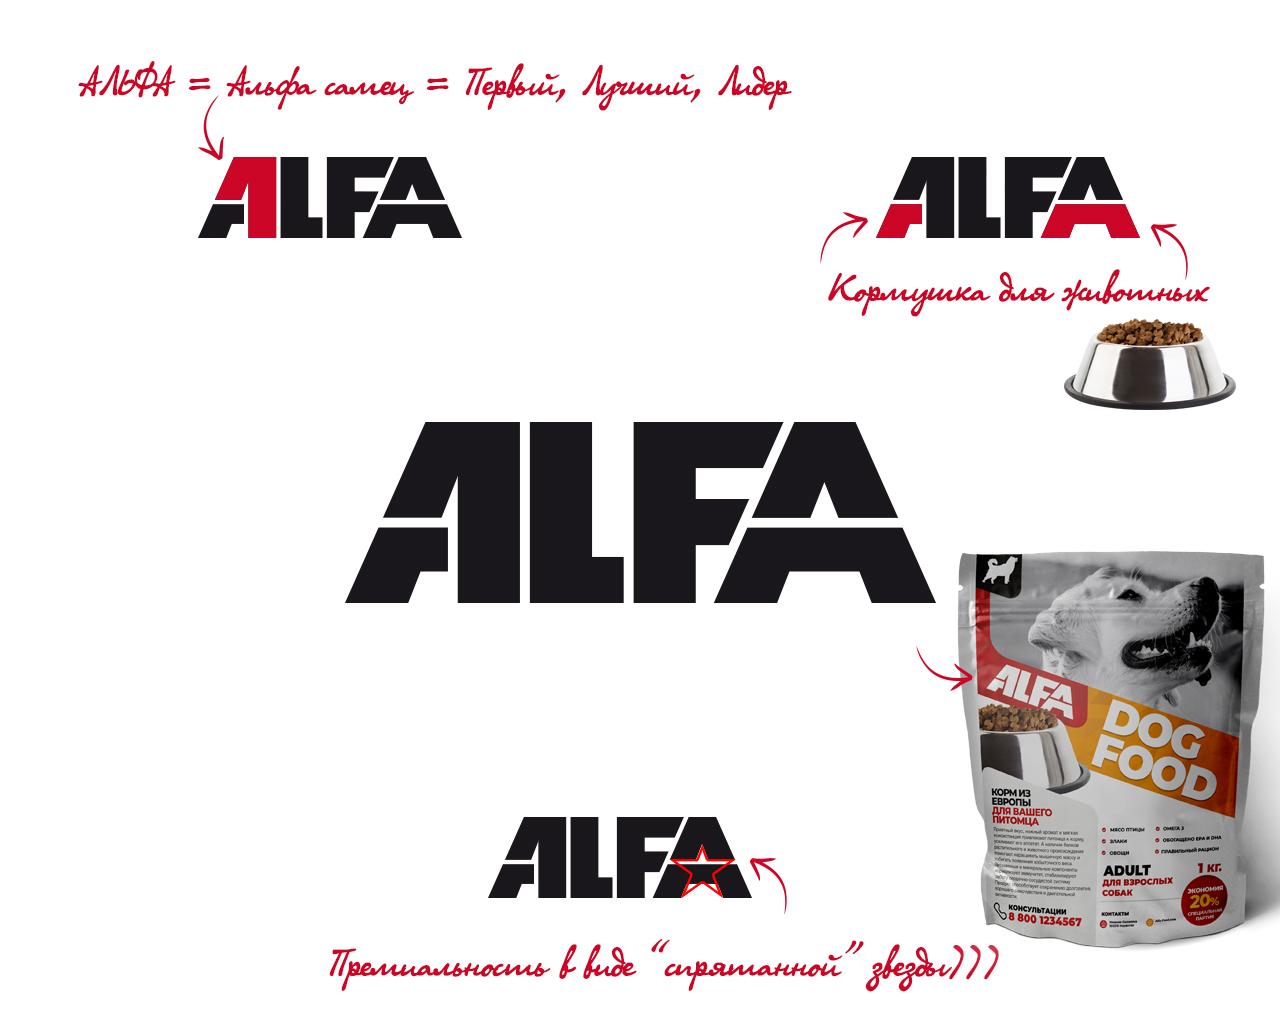 Создание дизайна упаковки для кормов для животных. фото f_2105ae71b8f67a12.jpg